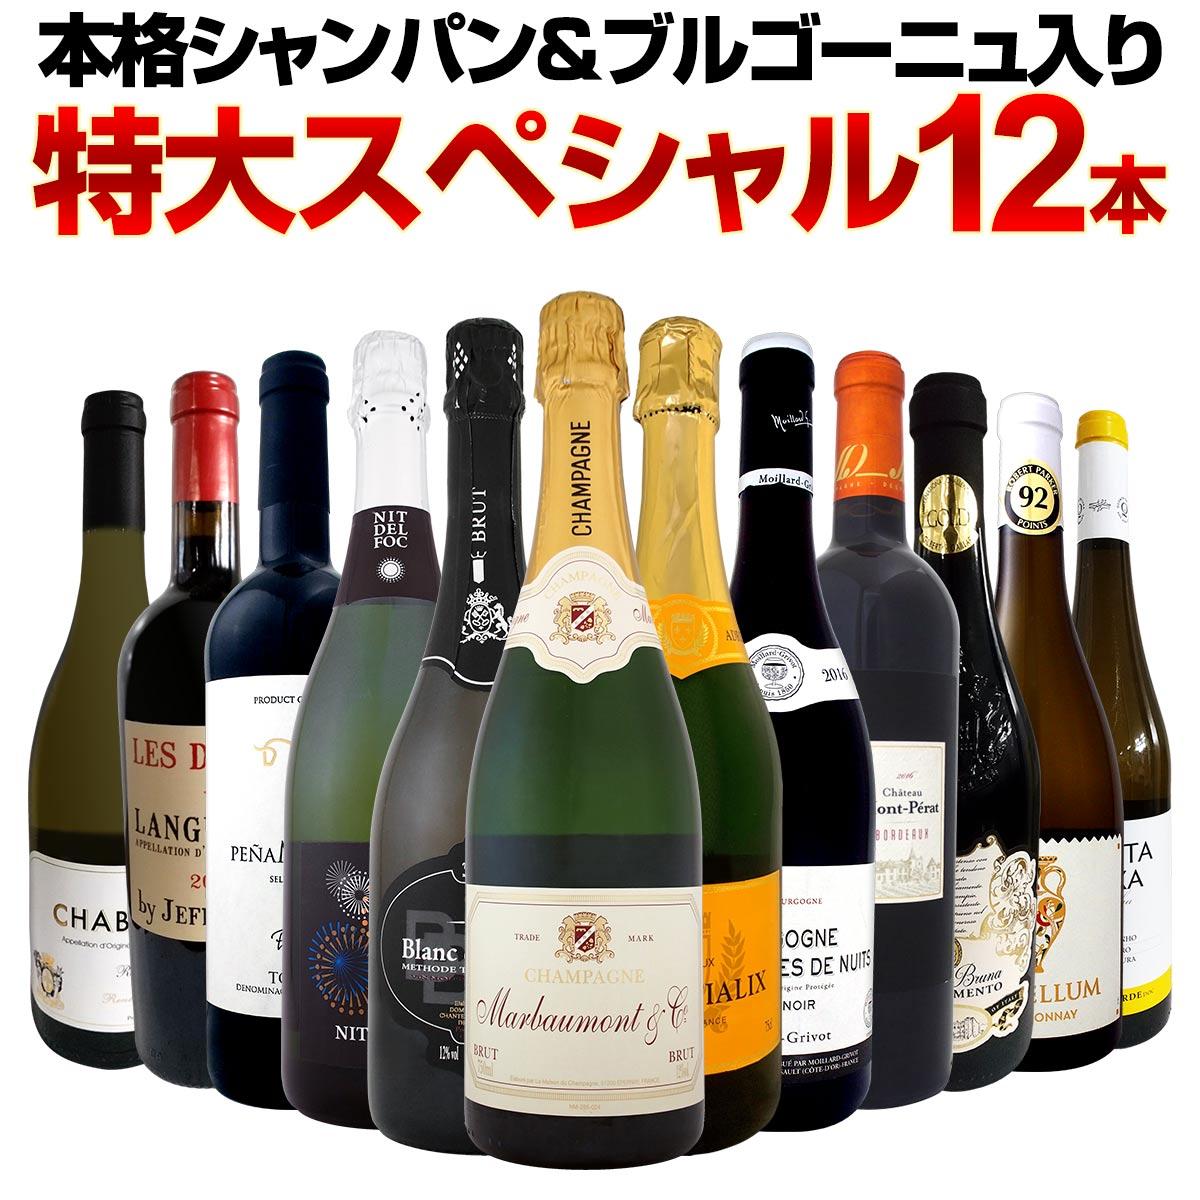 【送料無料】第3弾!本格シャンパン&ブルゴーニュ入り!特大スペシャル12本セット! ワイン ワインセット セット 赤ワインセット 赤ワイン 白ワインセット 白ワイン スパークリングワインセット 飲み比べ ギフト プレゼント 辛口 750ml